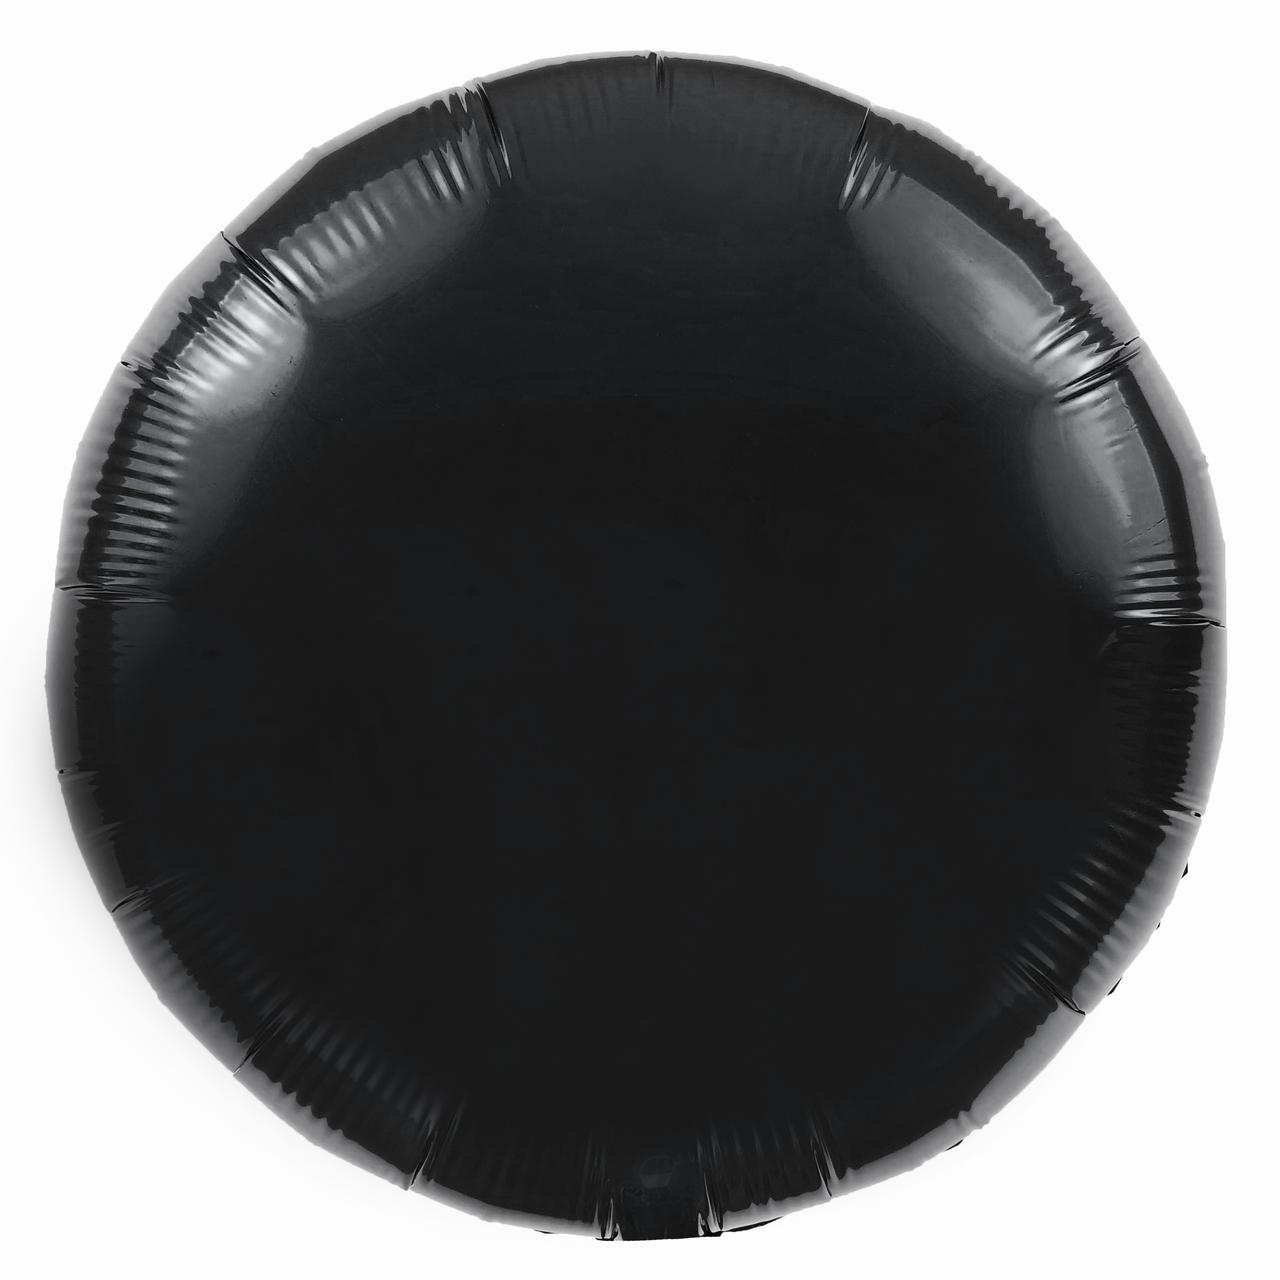 Фольгированный шар 18' Китай Круг черный, 45 см